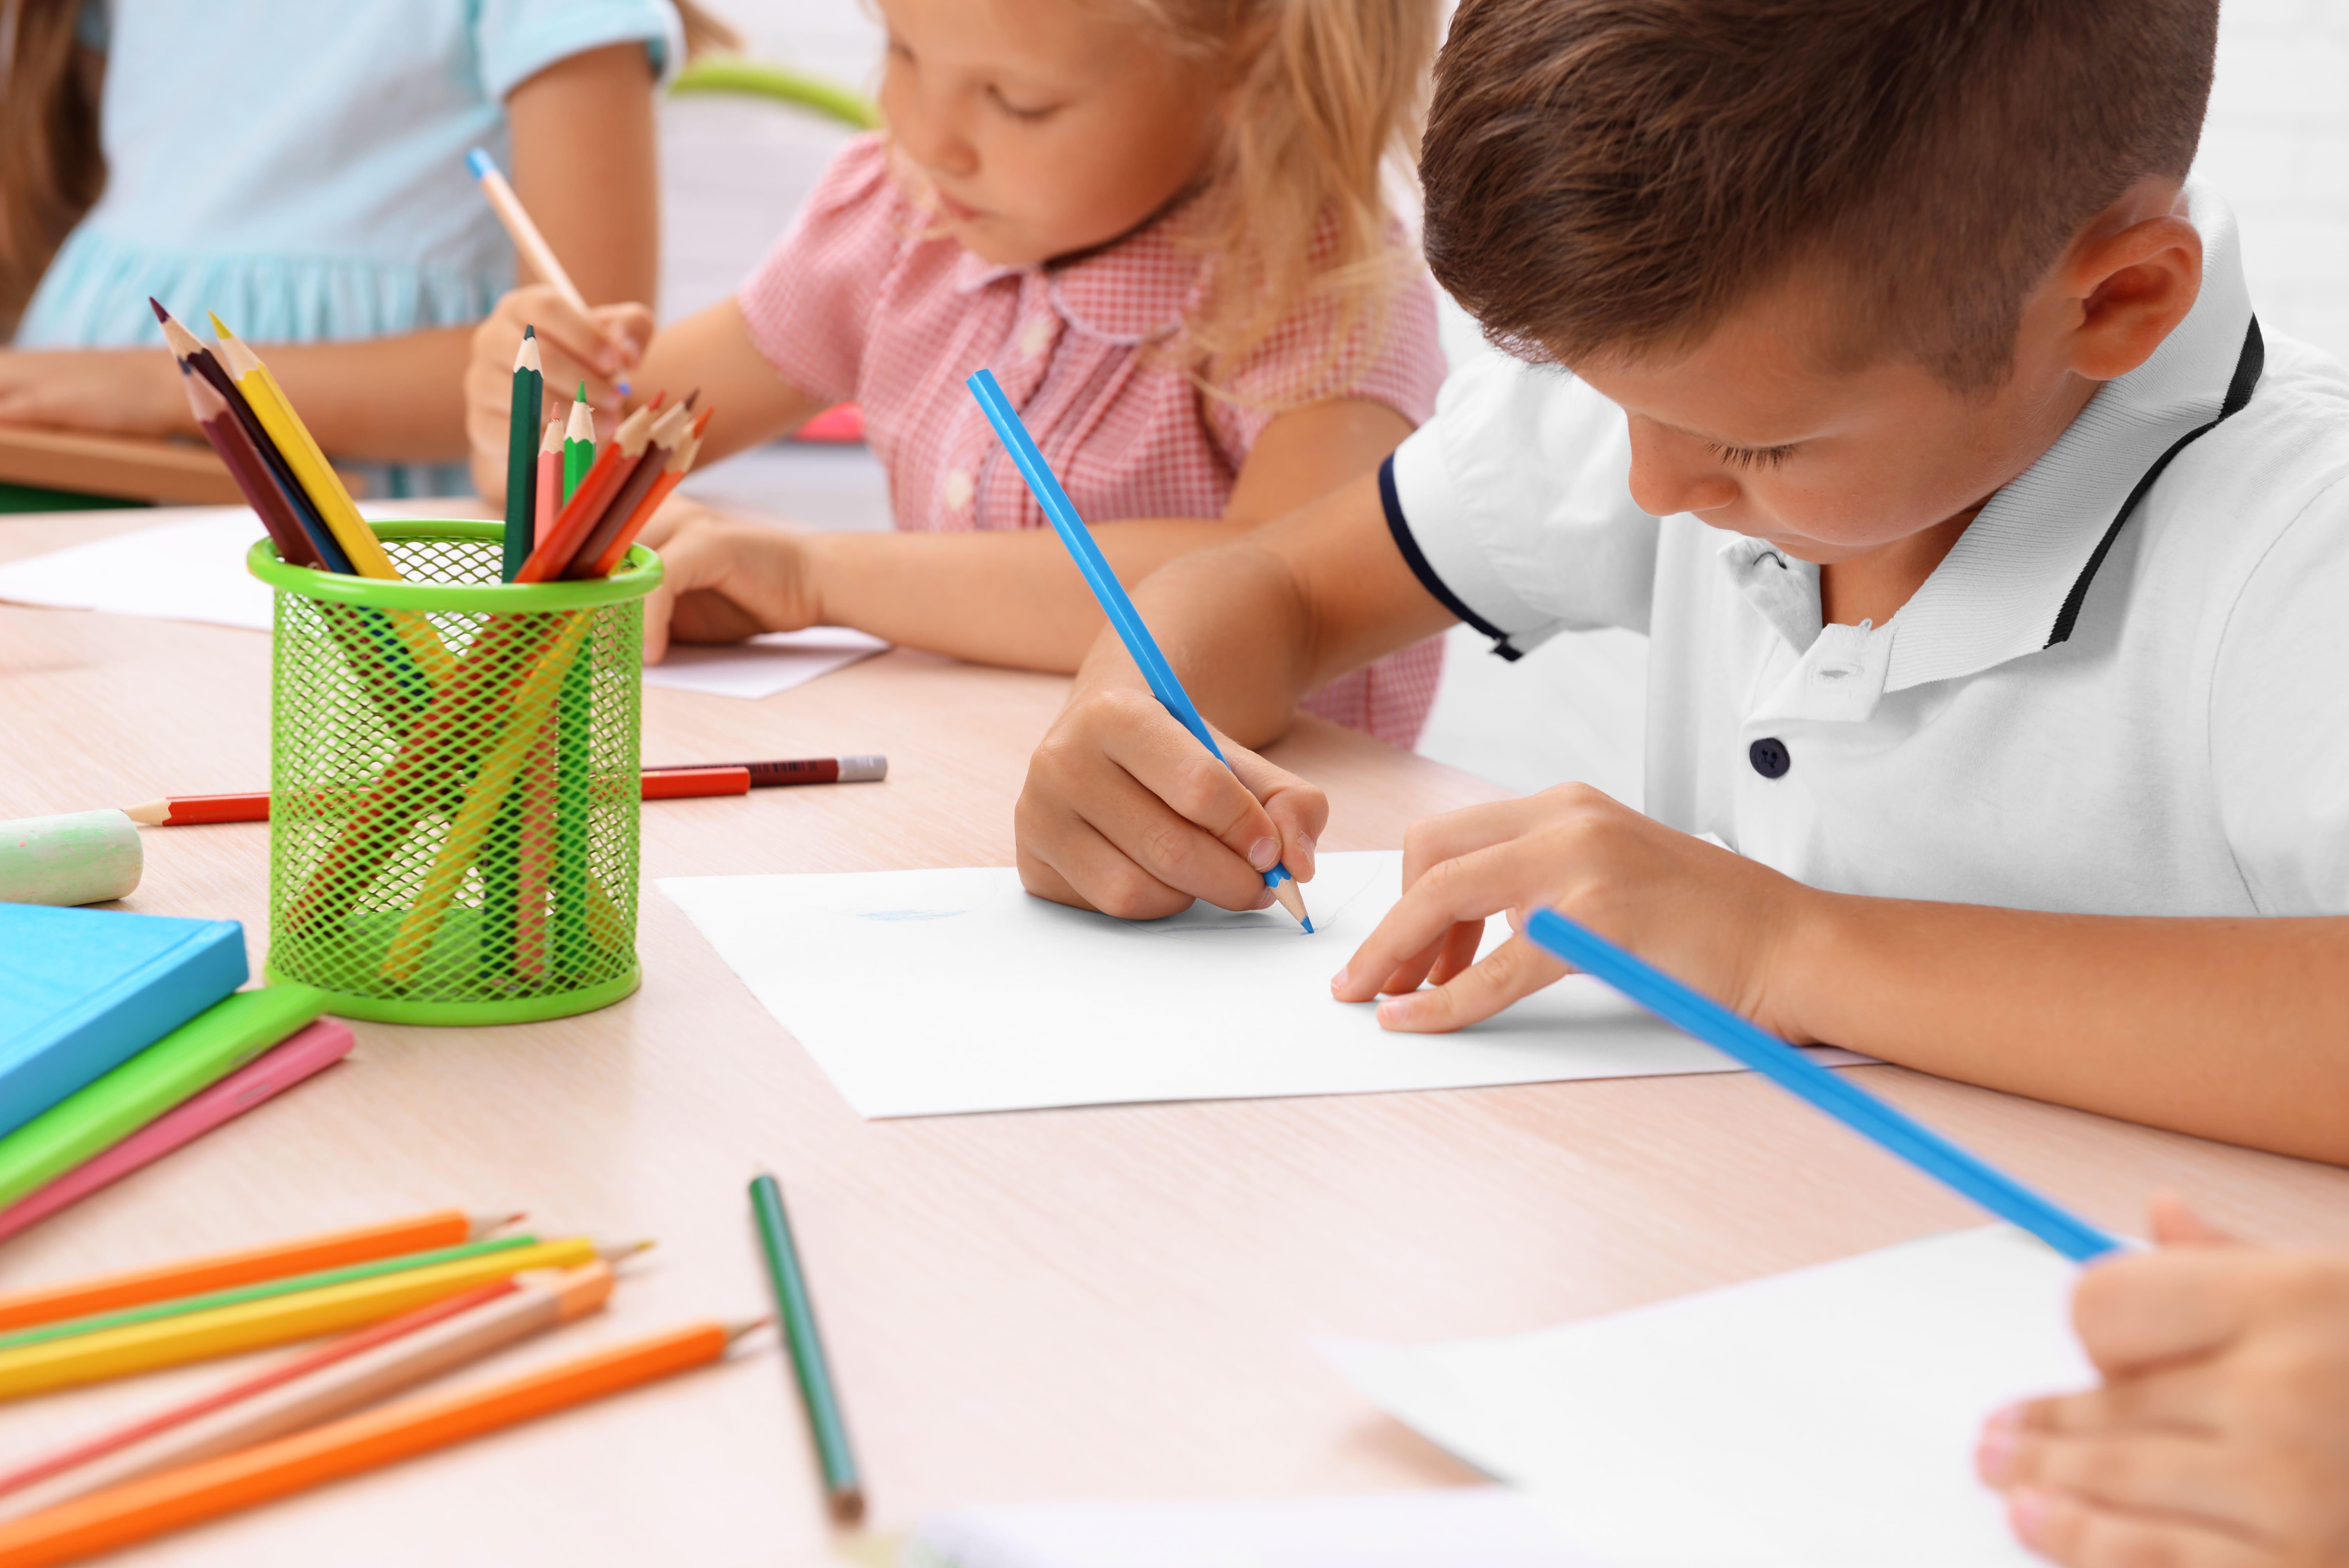 niños-pintando-en-clase-colegio